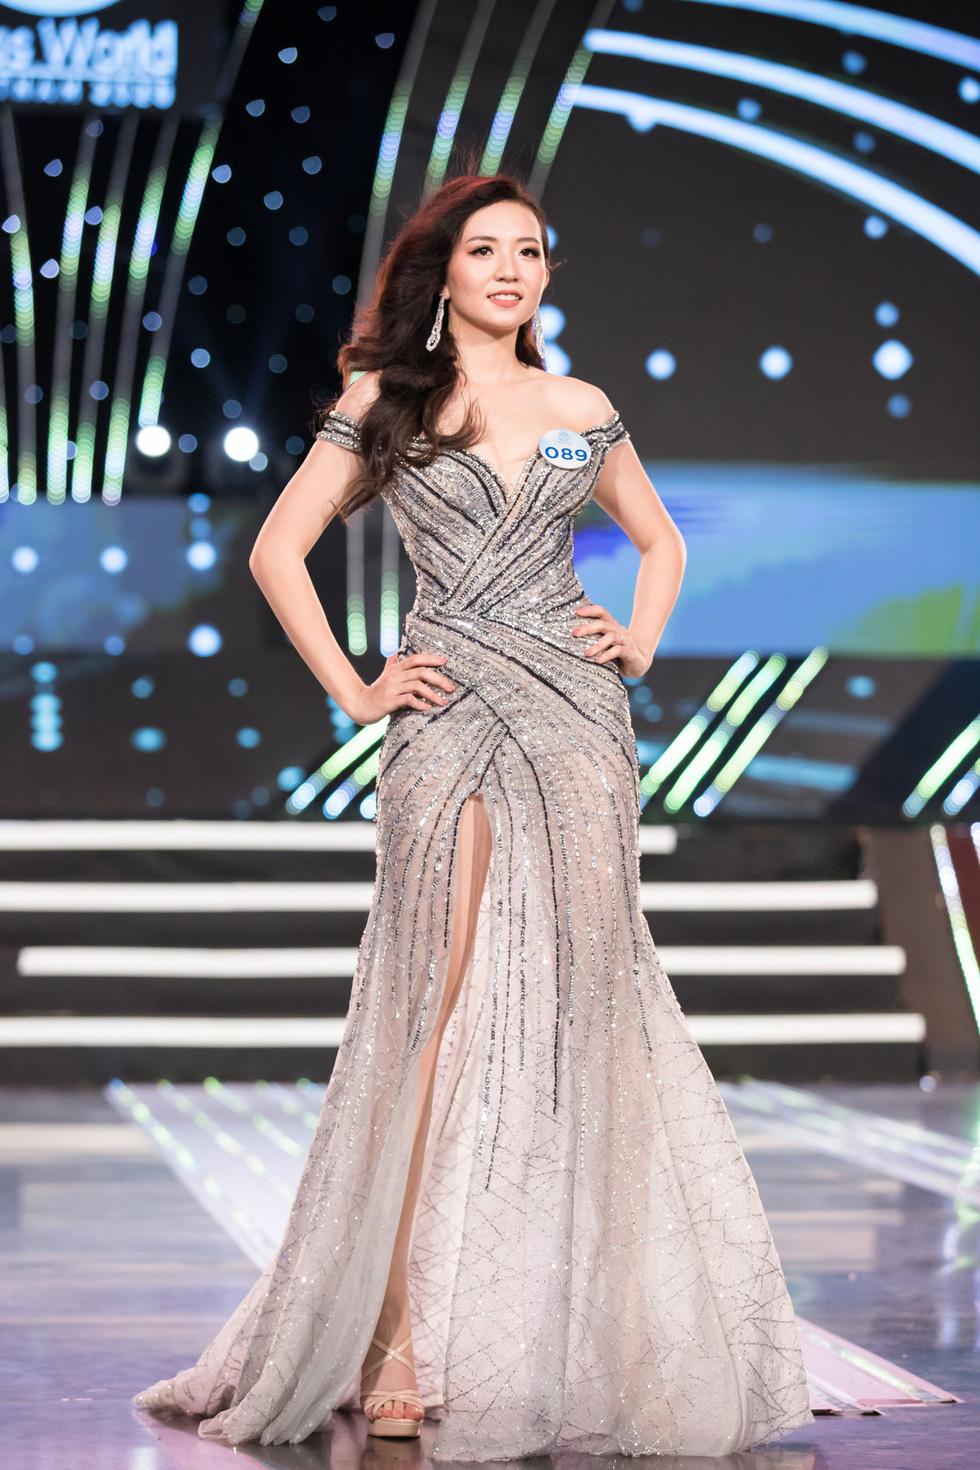 Nhan sắc 20 thí sinh đẹp nhất phía Bắc vào chung kết Miss World Việt Nam 2019 - Ảnh 12.